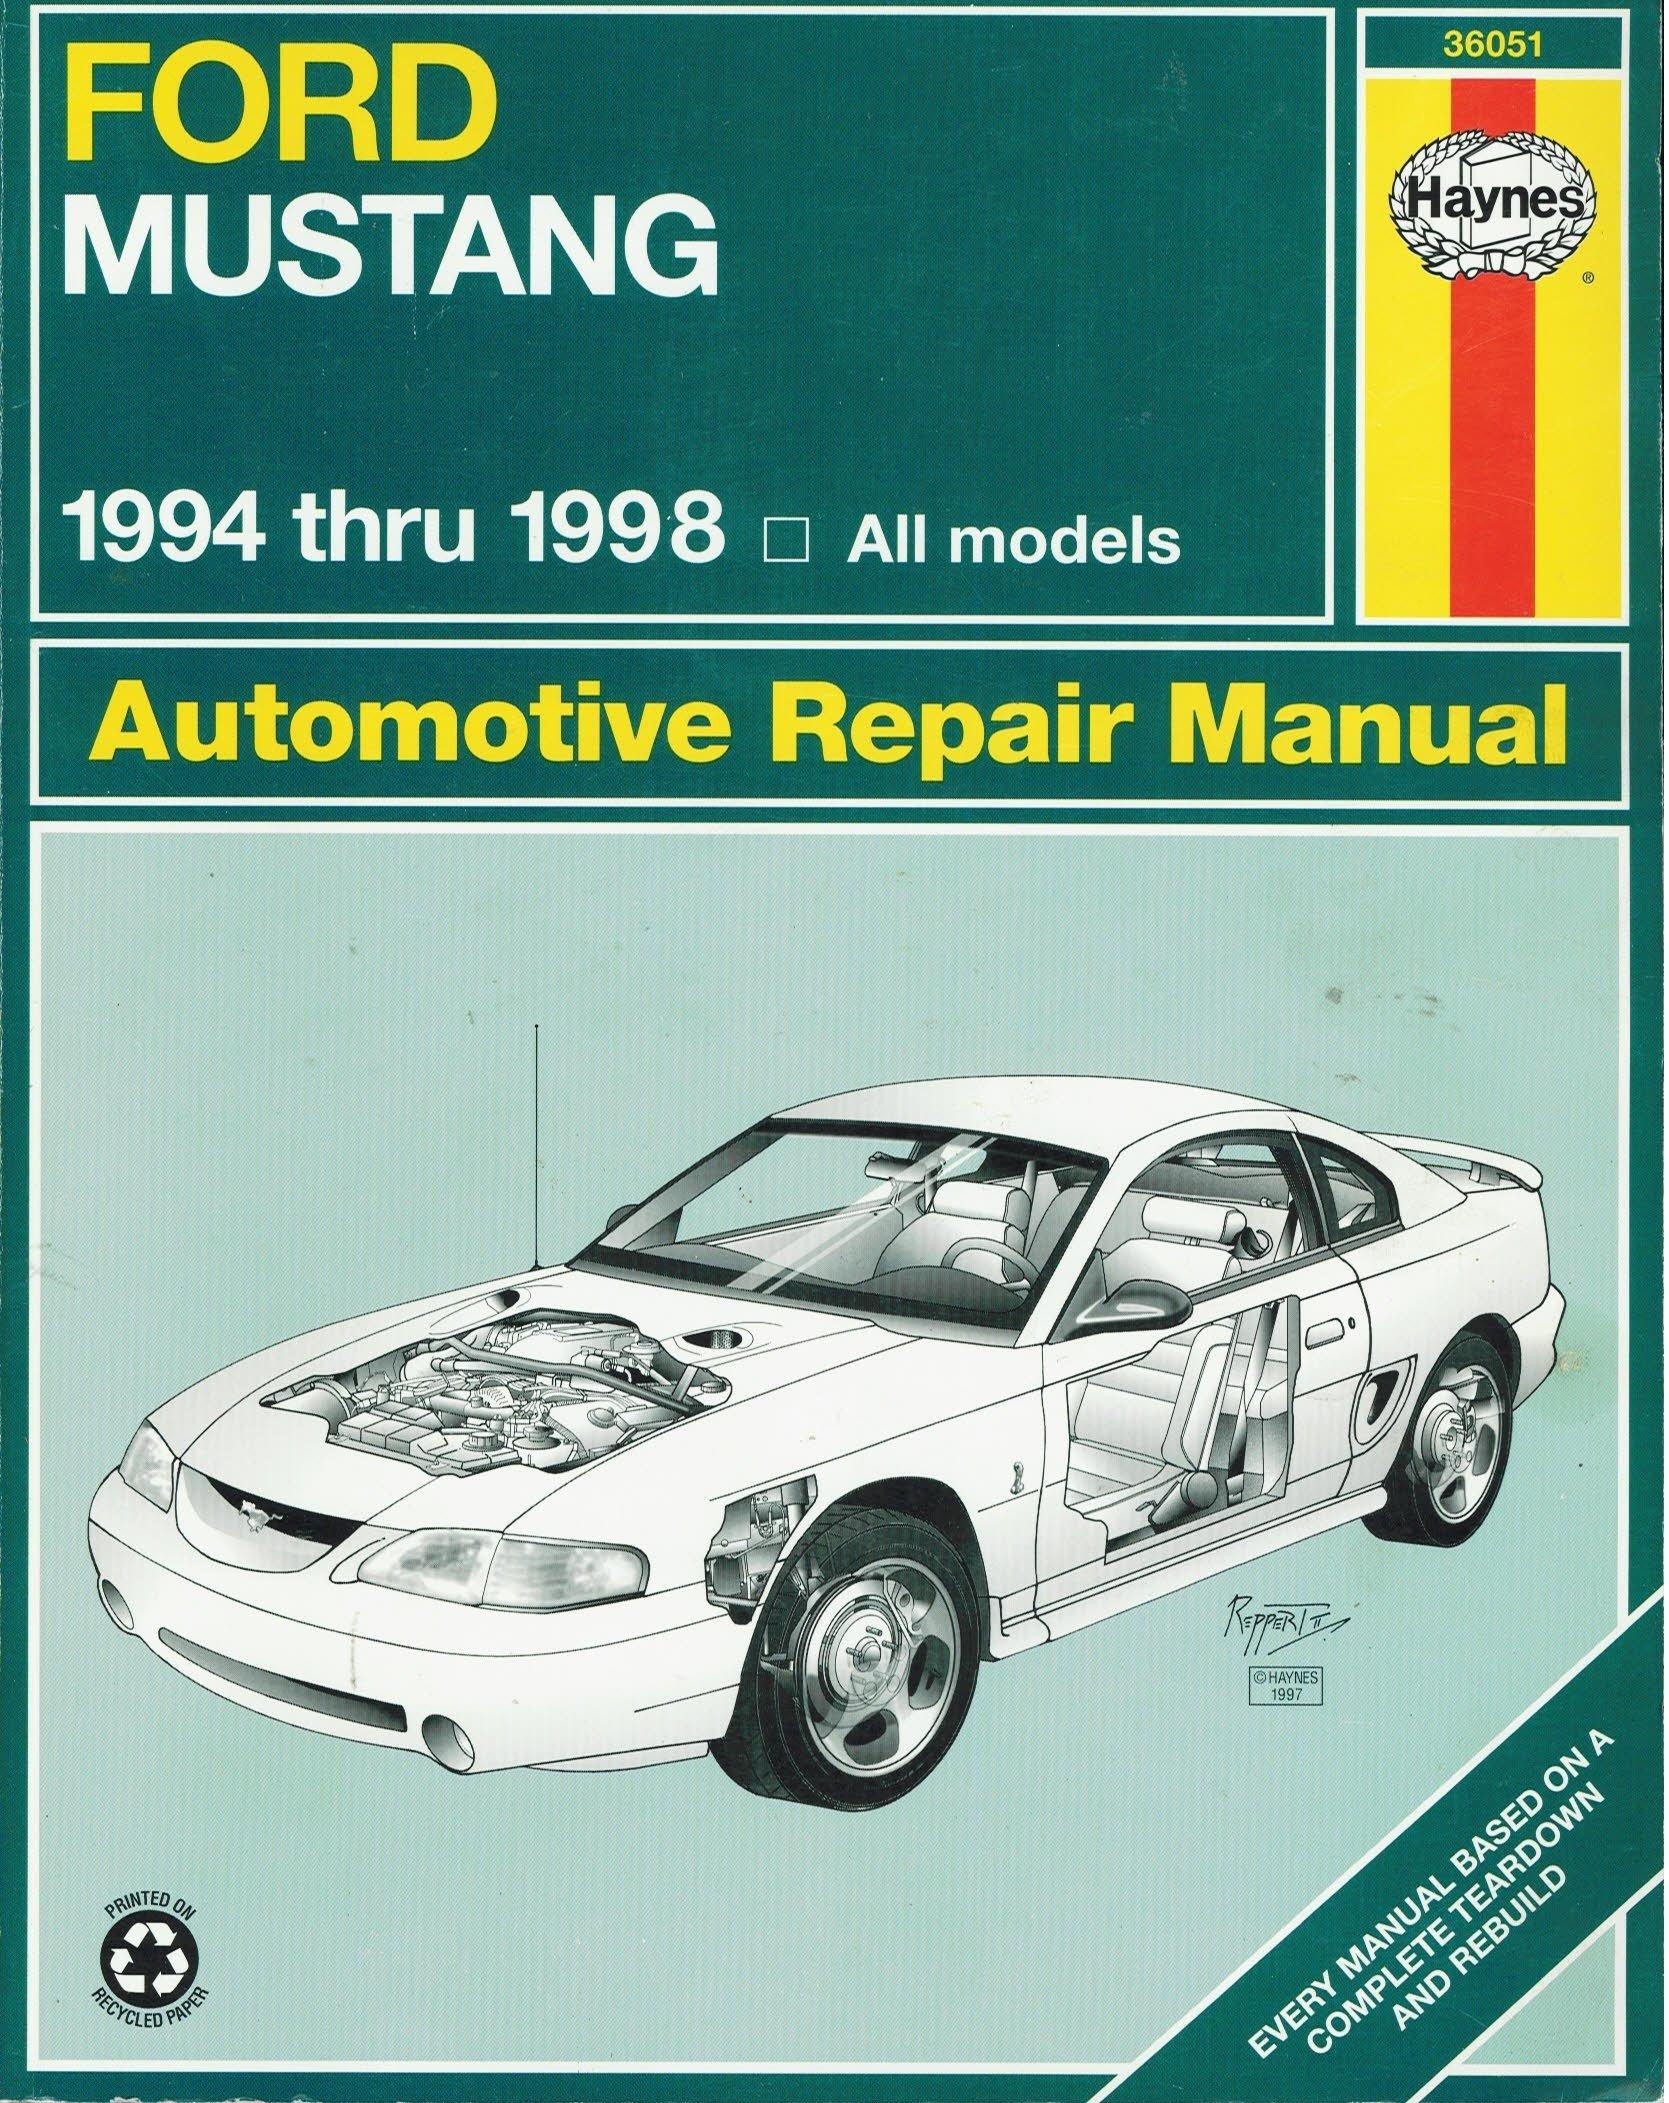 haynes ford mustang 1994 thru 1998 haynes automotive repair rh amazon com 04 Ford Mustang Repair Manual 04 Ford Mustang Repair Manual